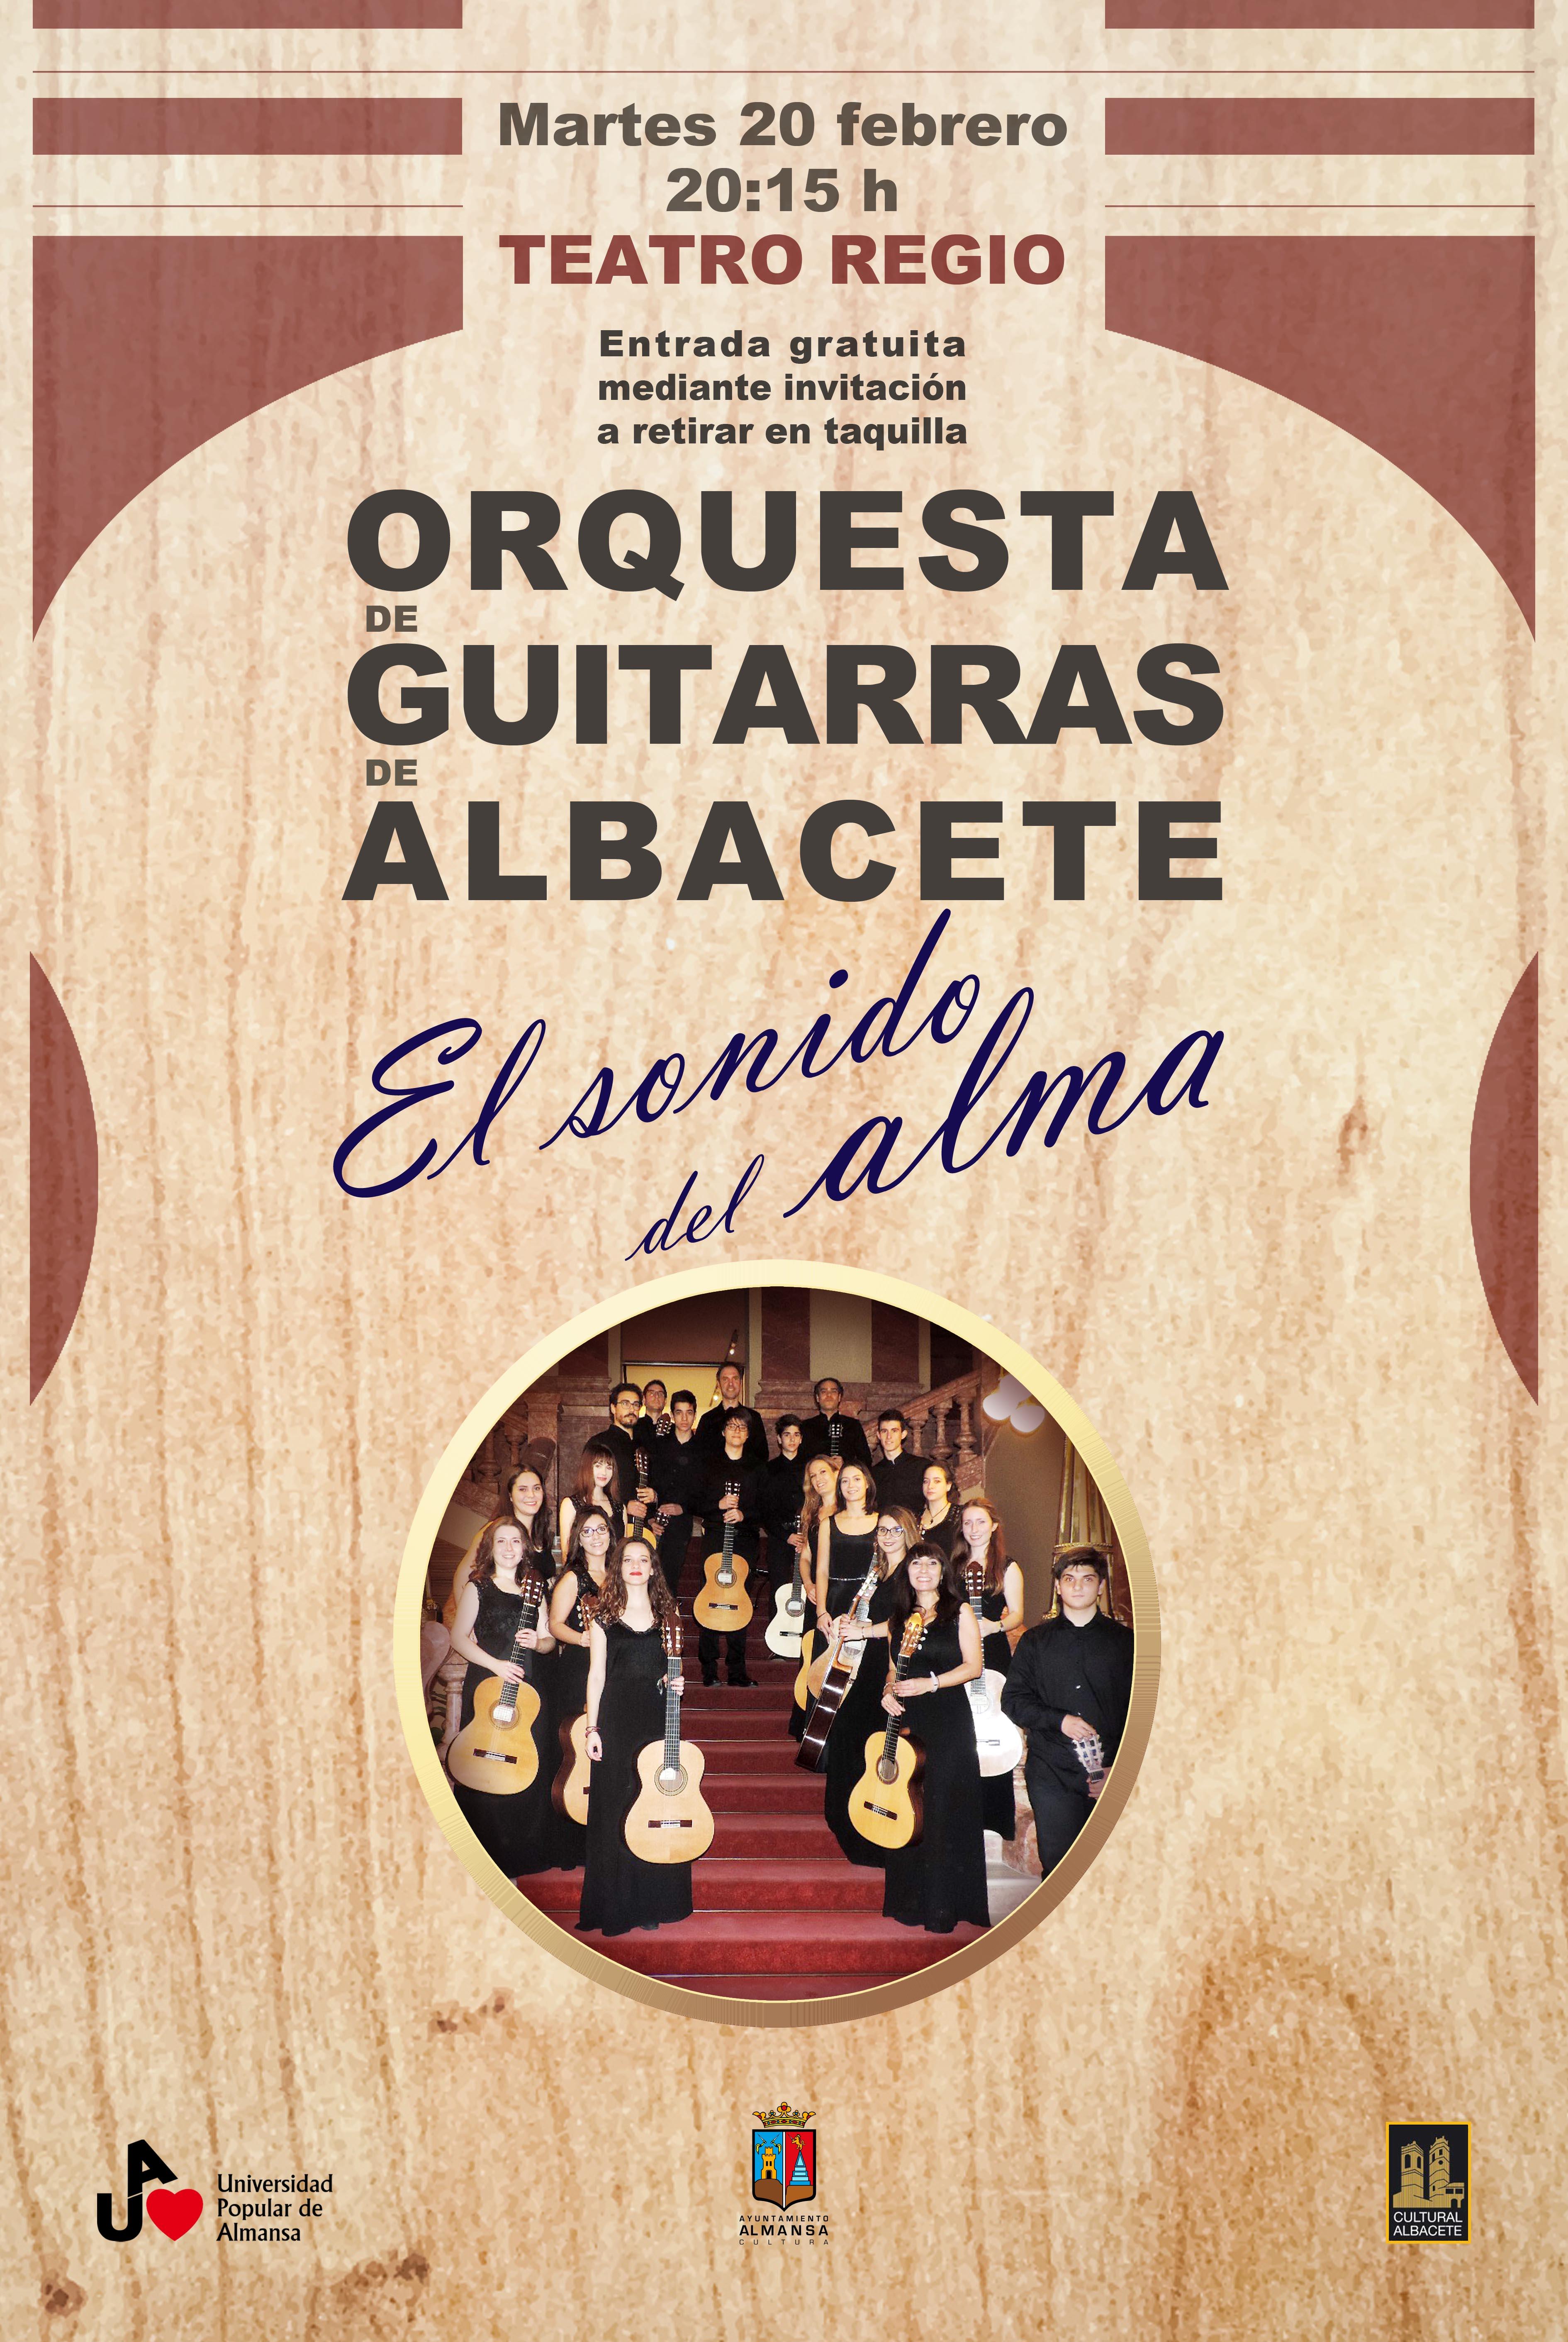 Cartel Concierto orquesta de guitarras-